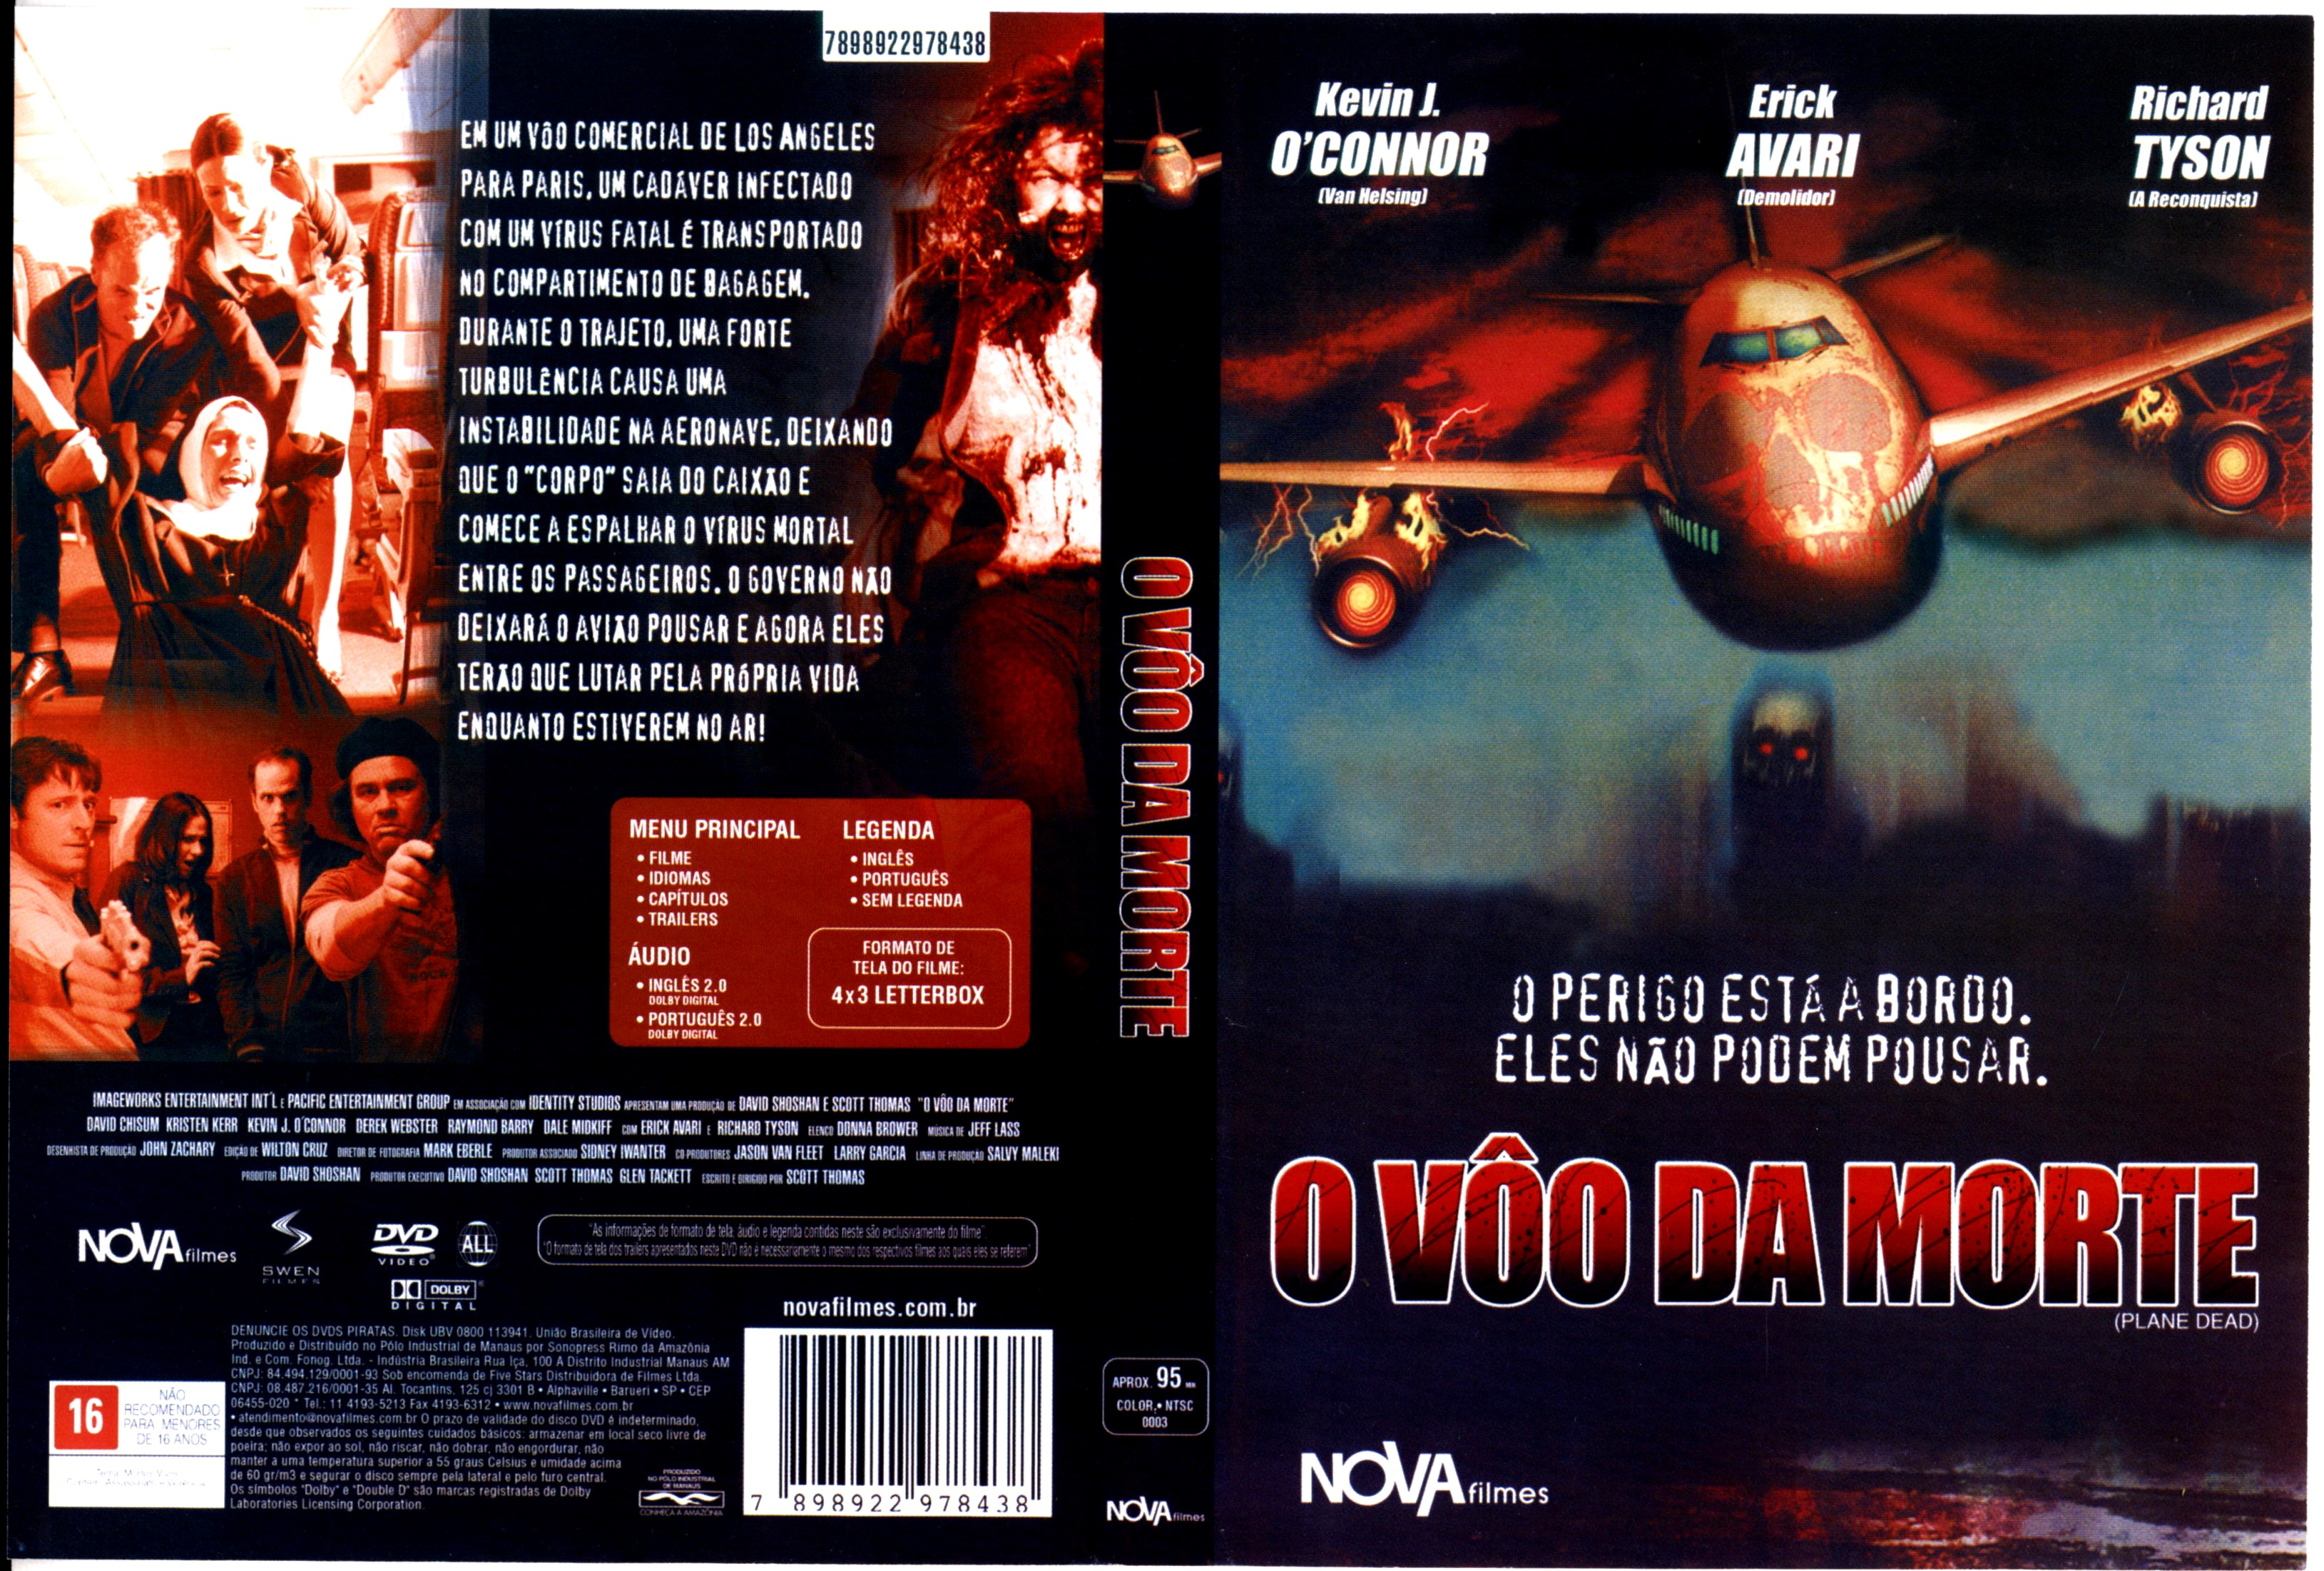 OVoodaMorte